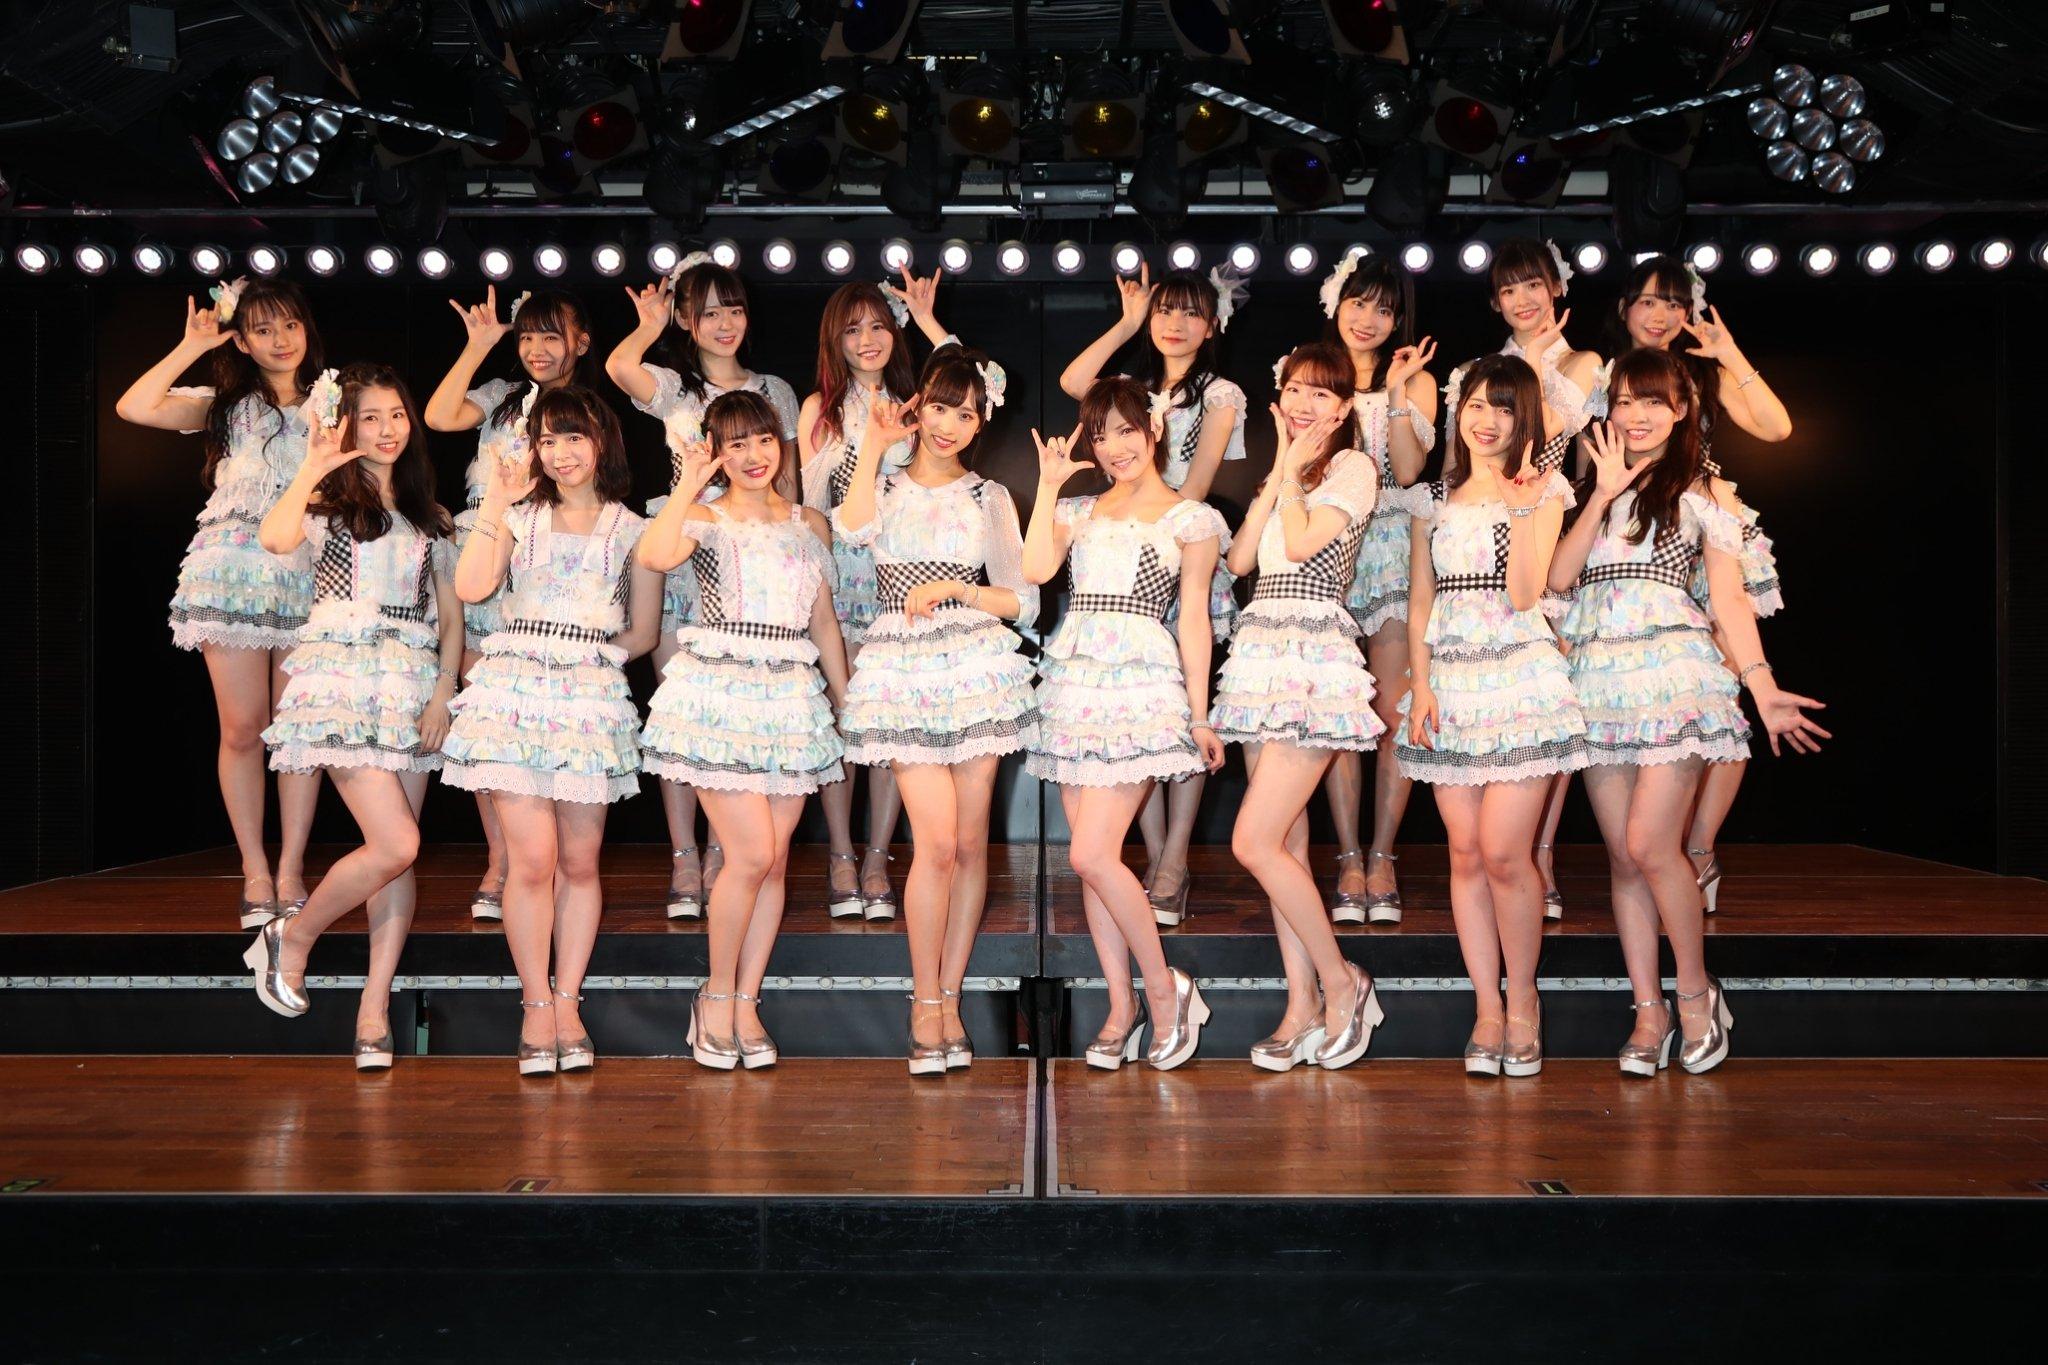 柏木由紀がセットリストを考案!AKB48新公演「僕の夏が始まる」が開幕【写真9枚】の画像001